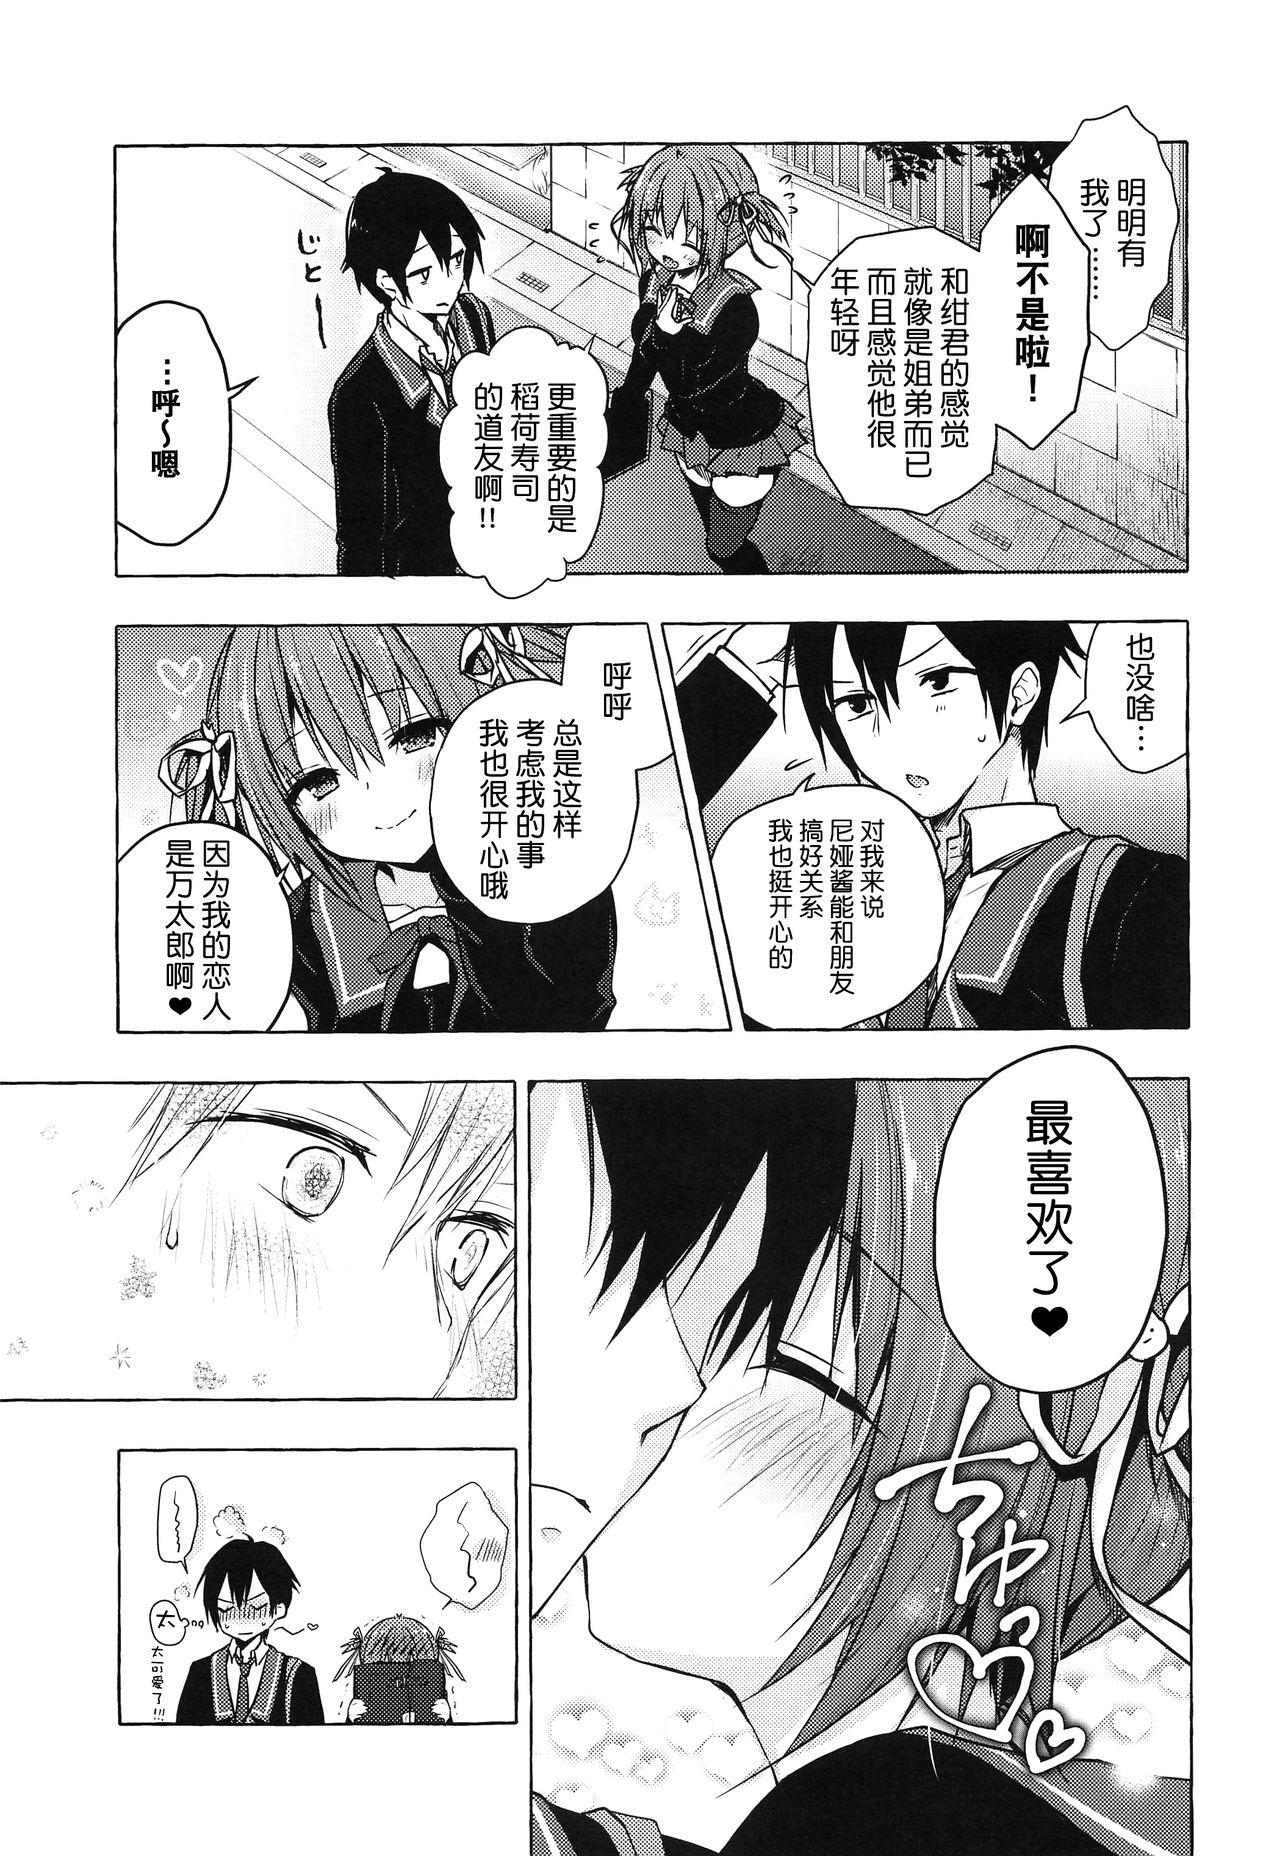 (COMIC1☆15) [KINOKONOMI (konomi)] Nyancology 8 -Otomari ni Kita Nekoda-san to no Himitsu- [Chinese] [路过的rlx个人练习汉化] 11